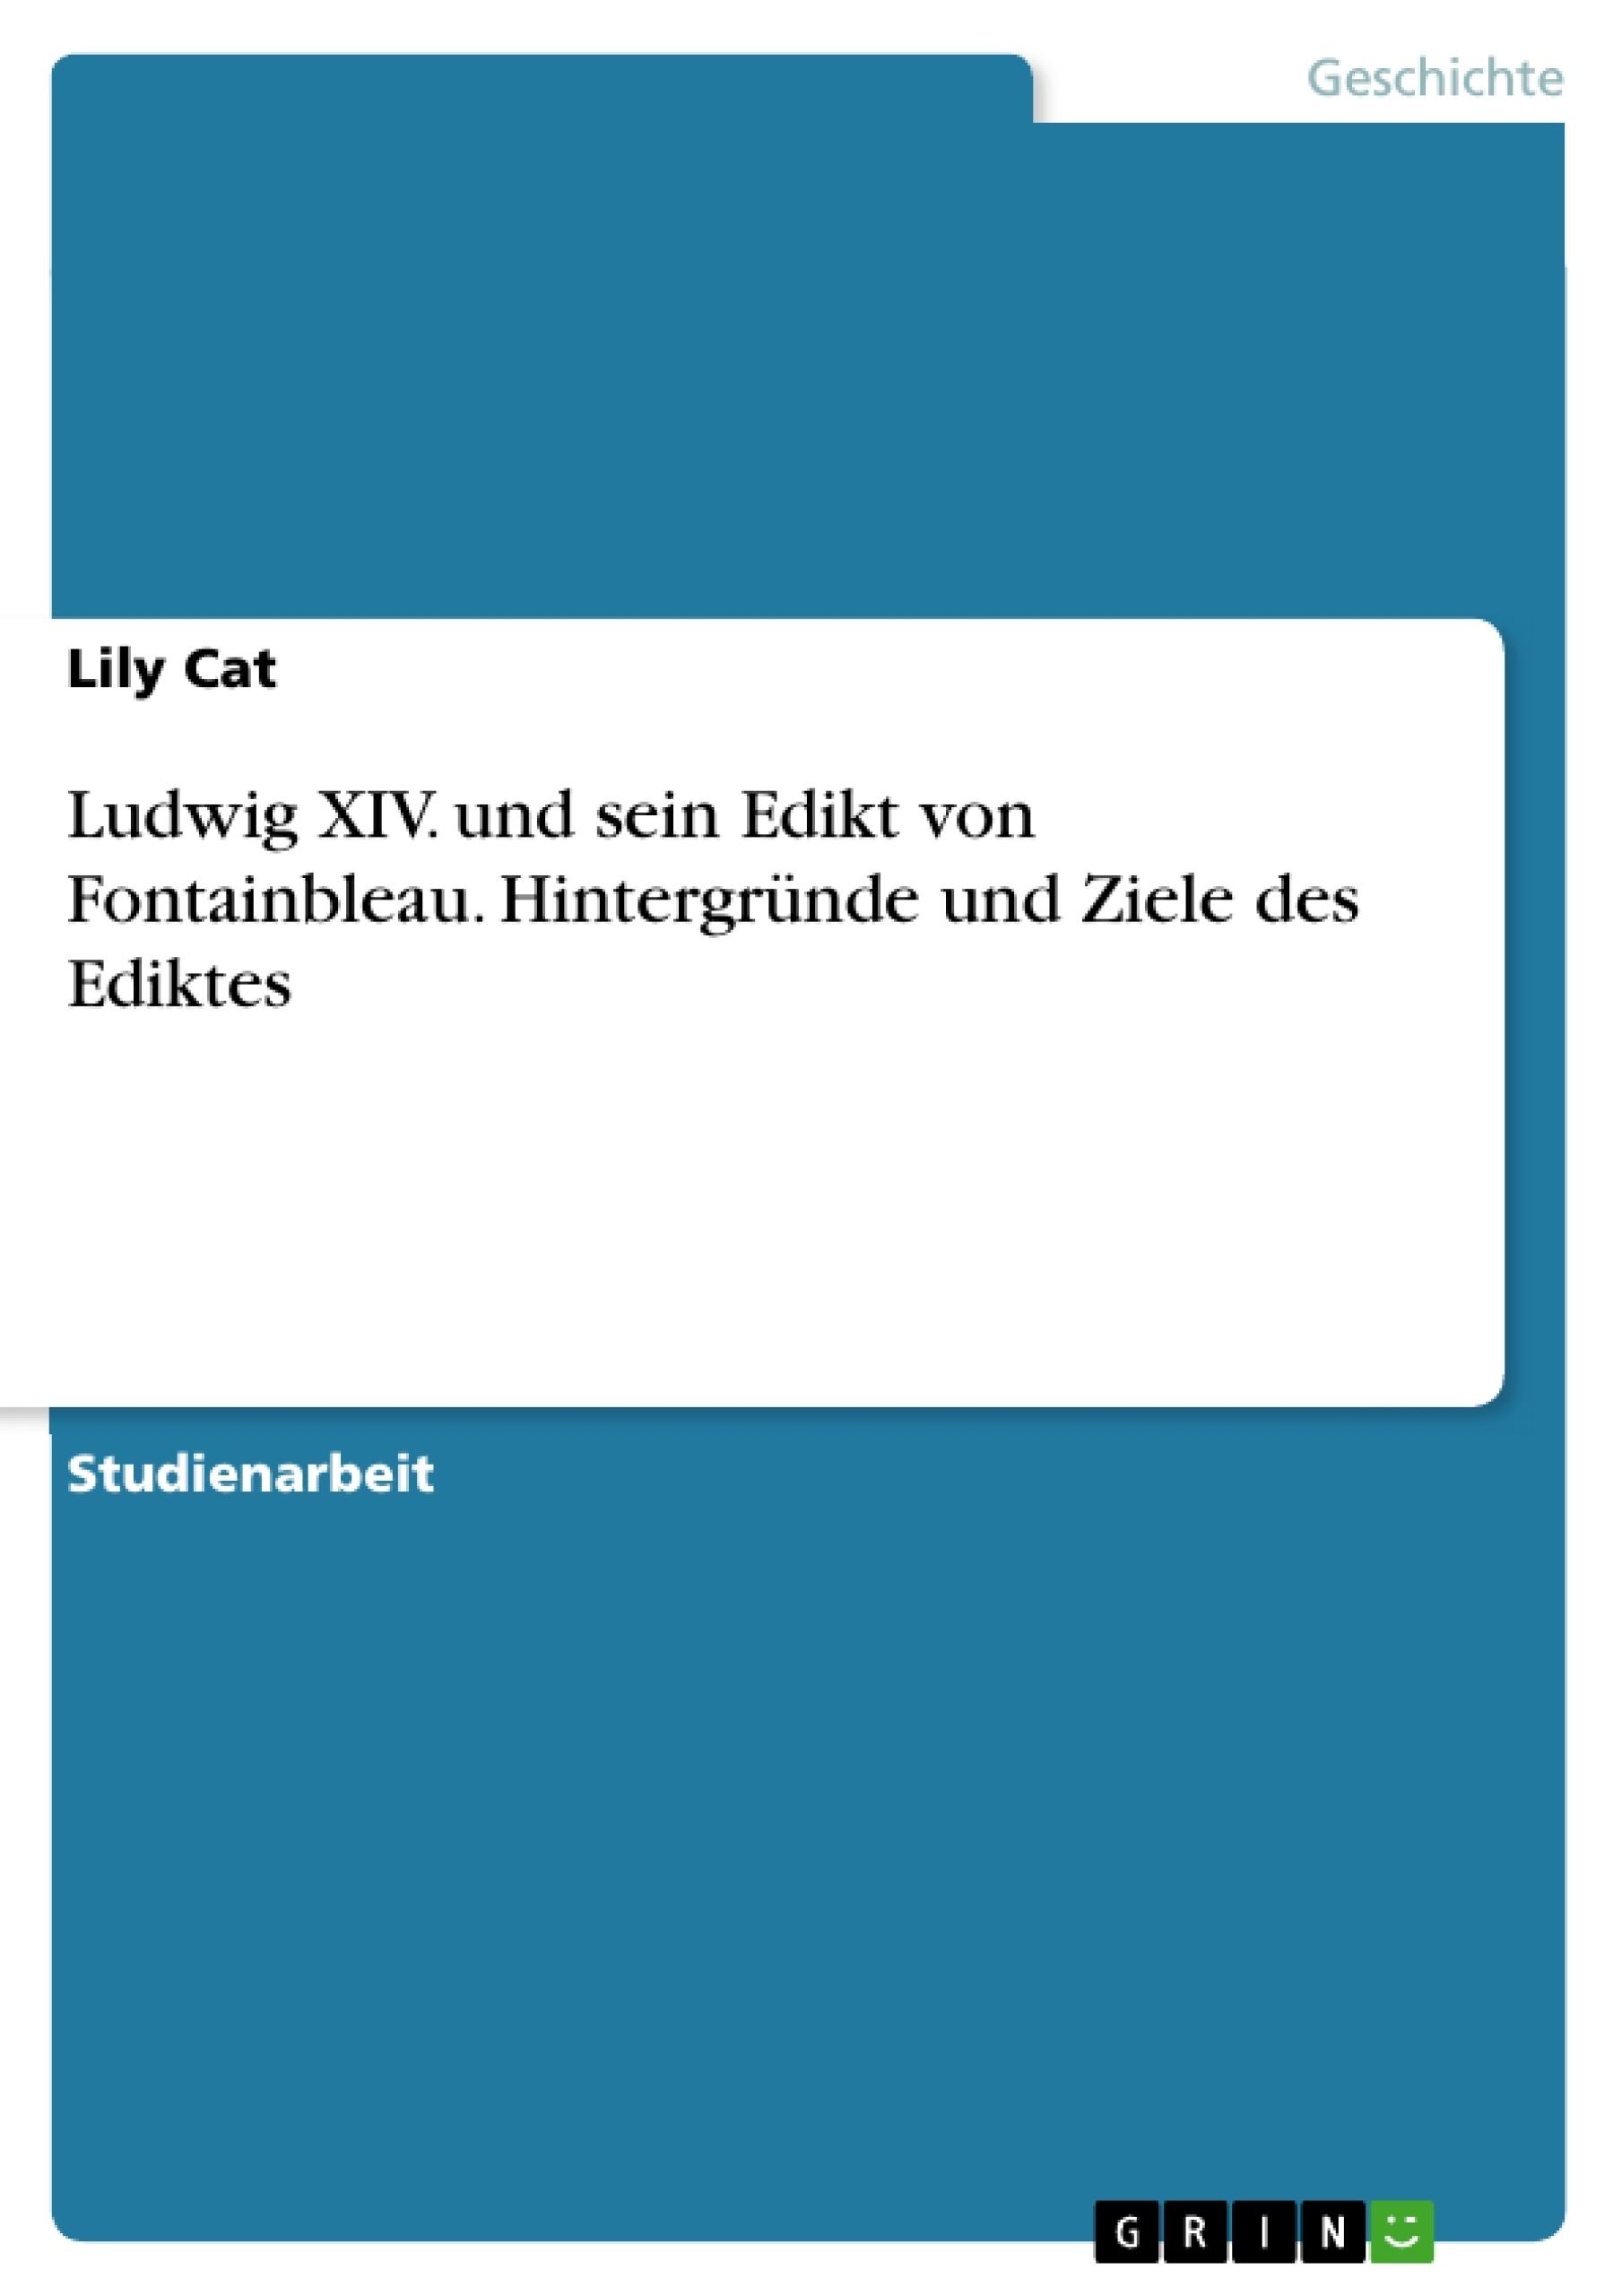 Titel: Ludwig XIV. und sein Edikt von Fontainbleau. Hintergründe und Ziele des Ediktes